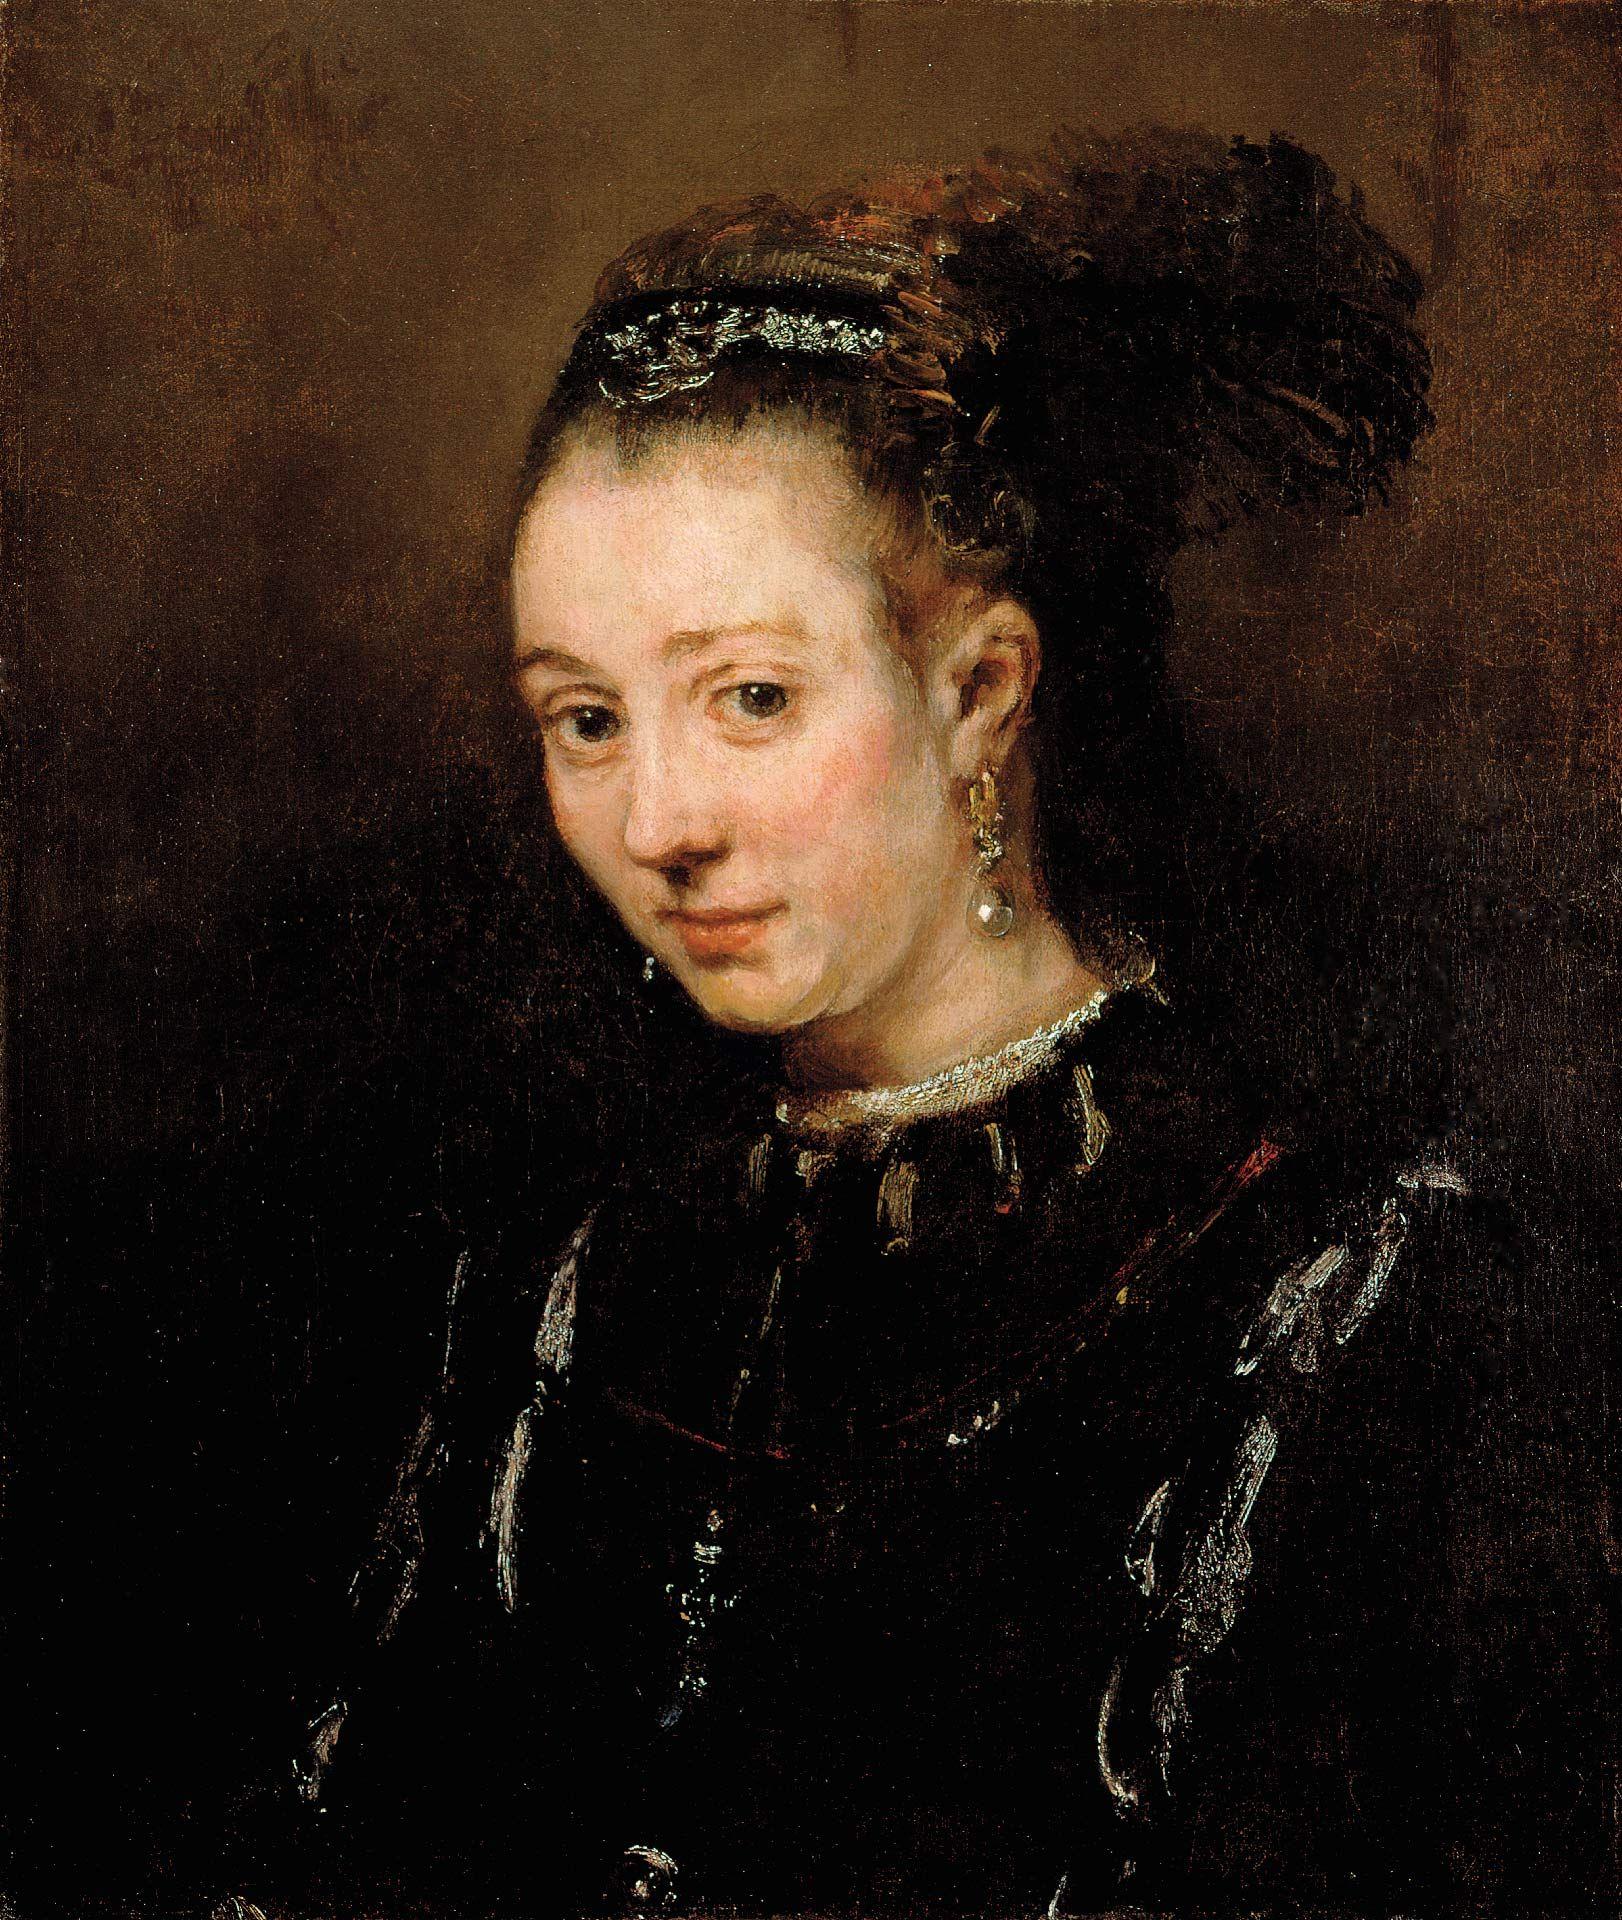 Rembrandt Harmensz. van Rijn, Portrait de jeune femme